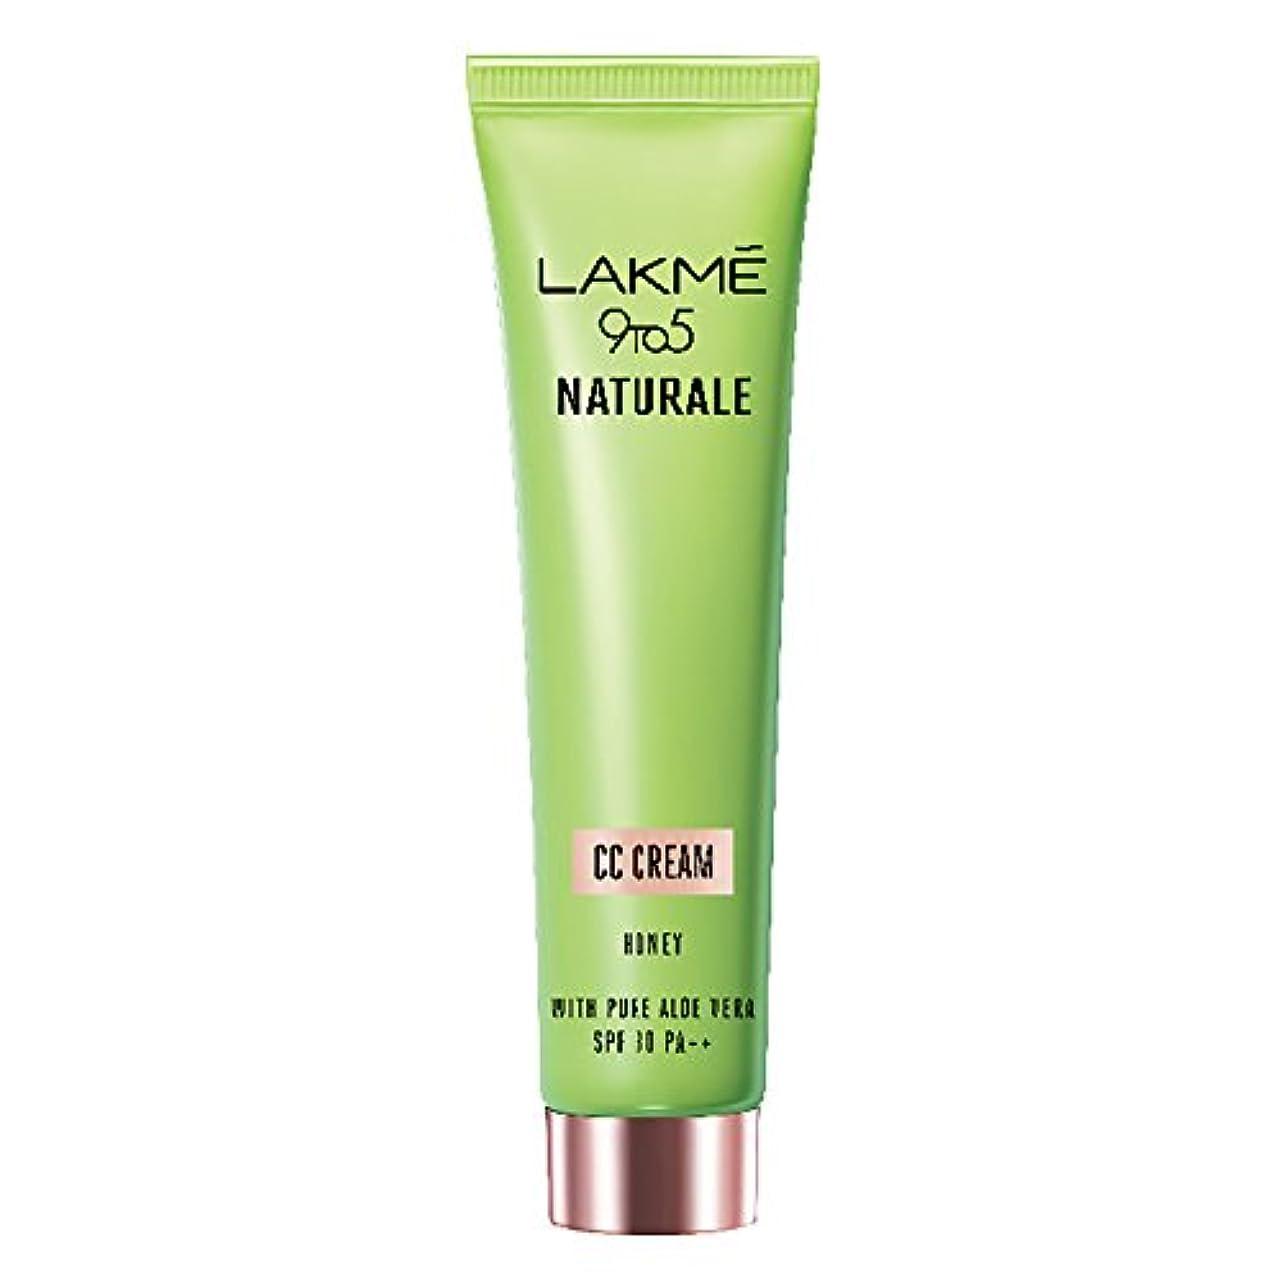 大脳靴発言するLakme 9 to 5 Naturale CC Cream, Honey, 30g